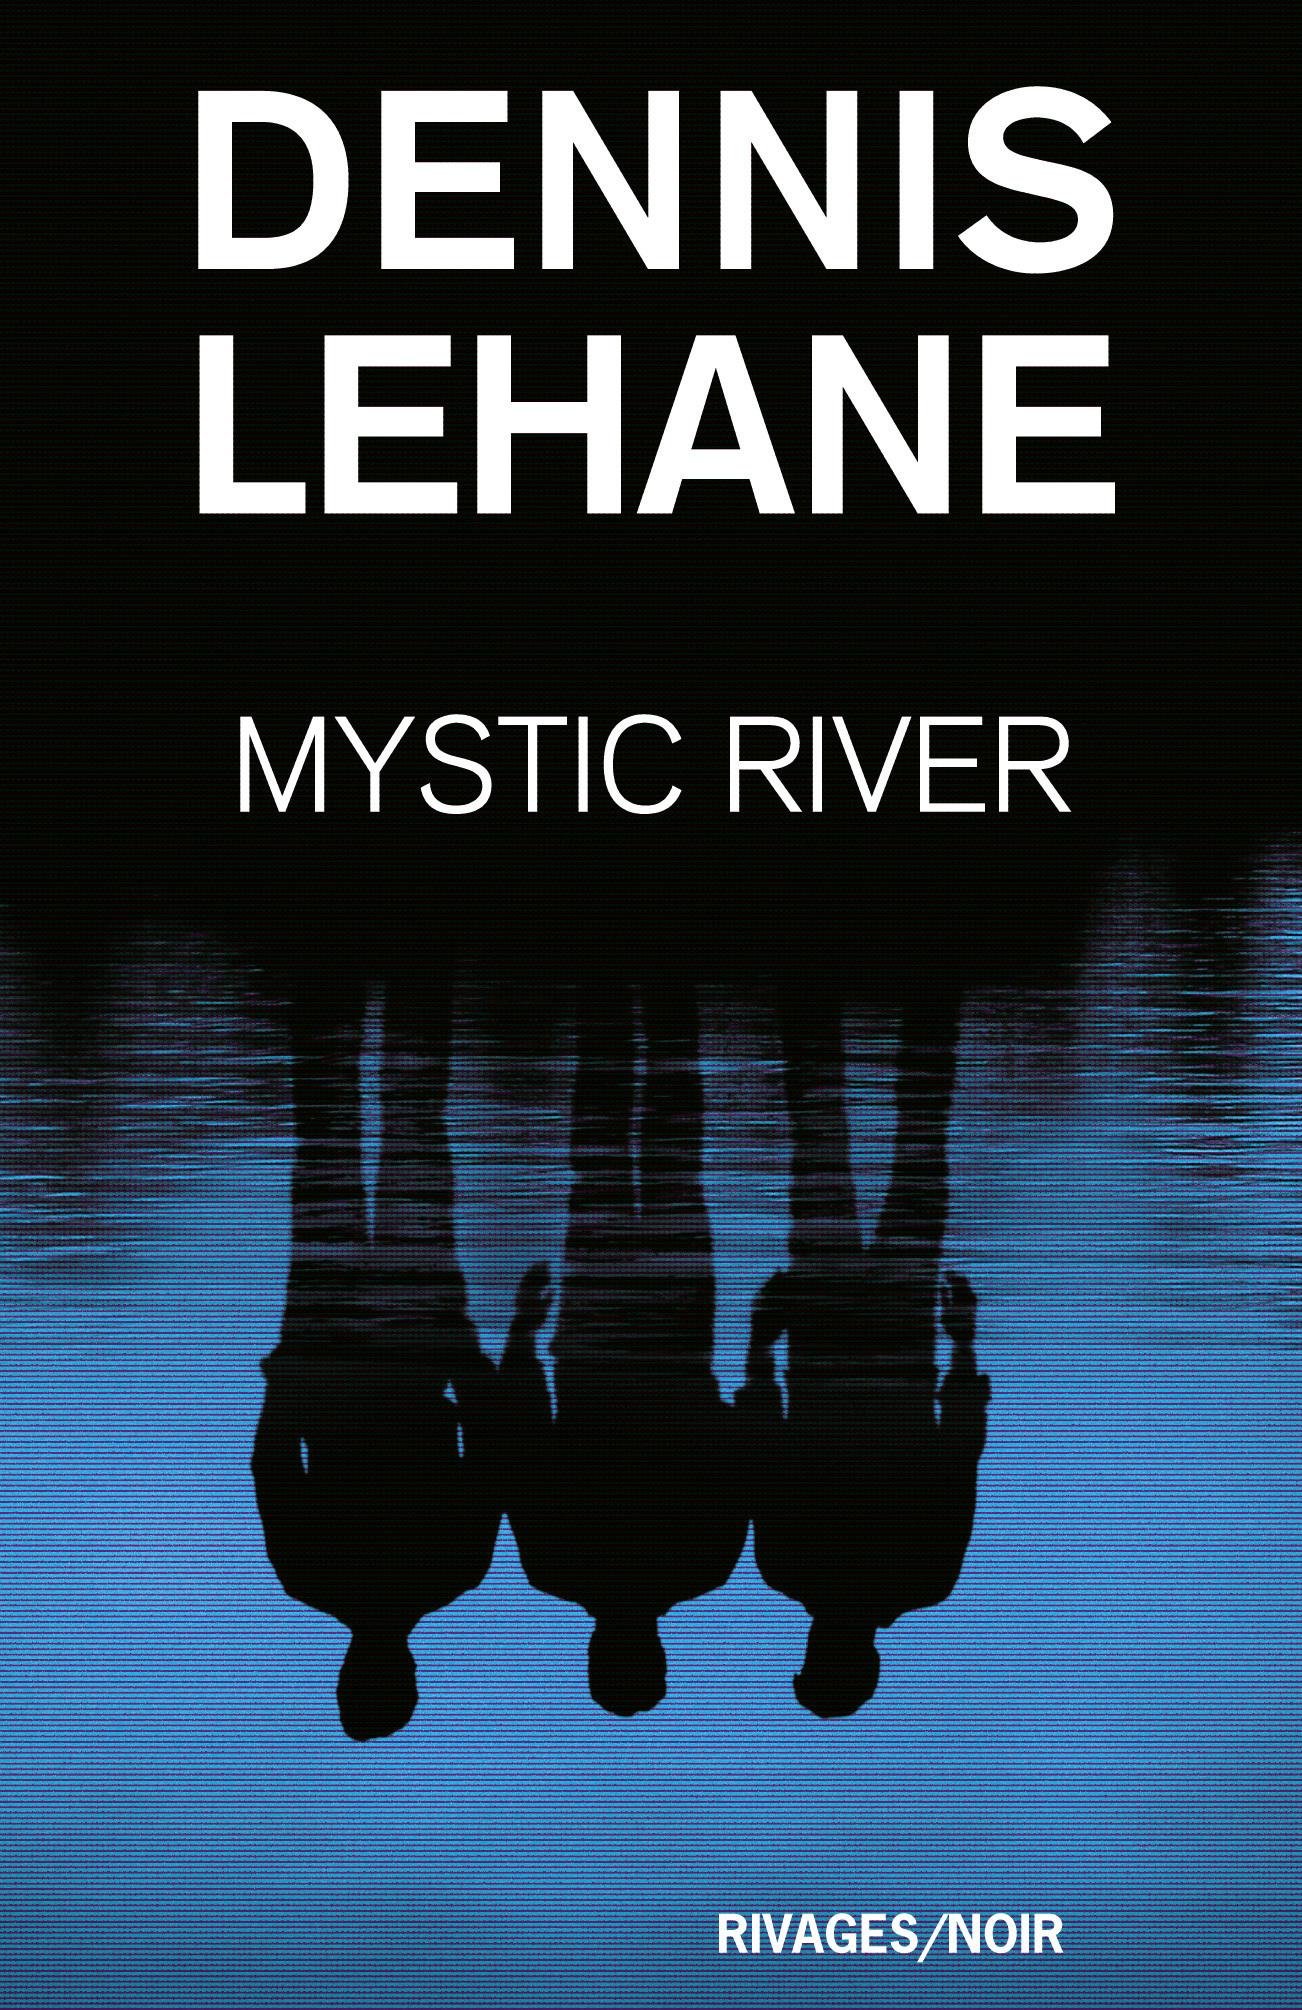 Couverture : Mystic river Dennis Lehane